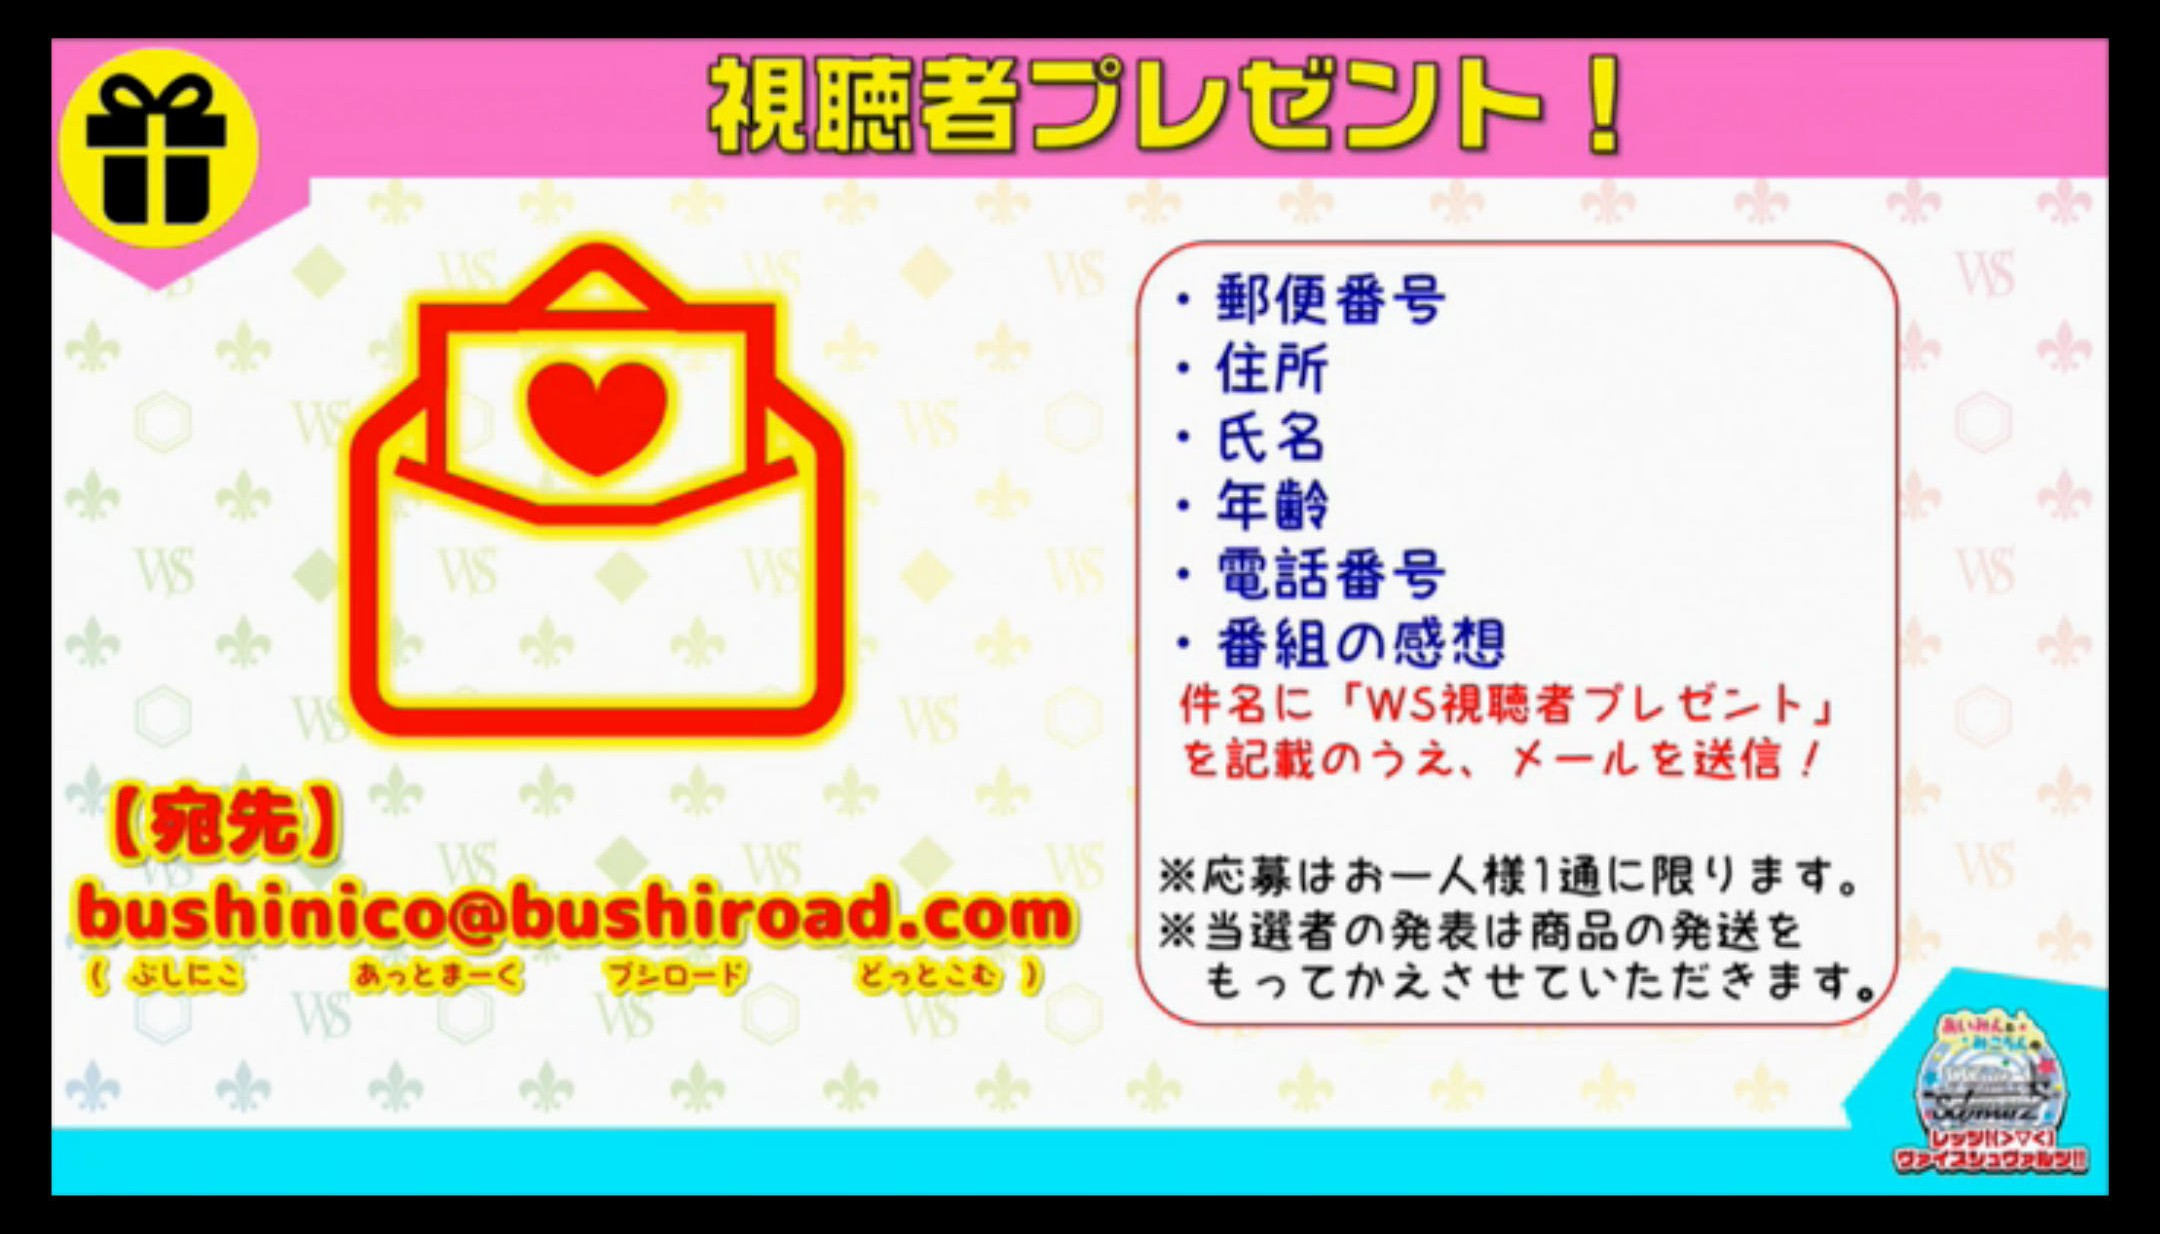 bshi-live-170707-021.jpg